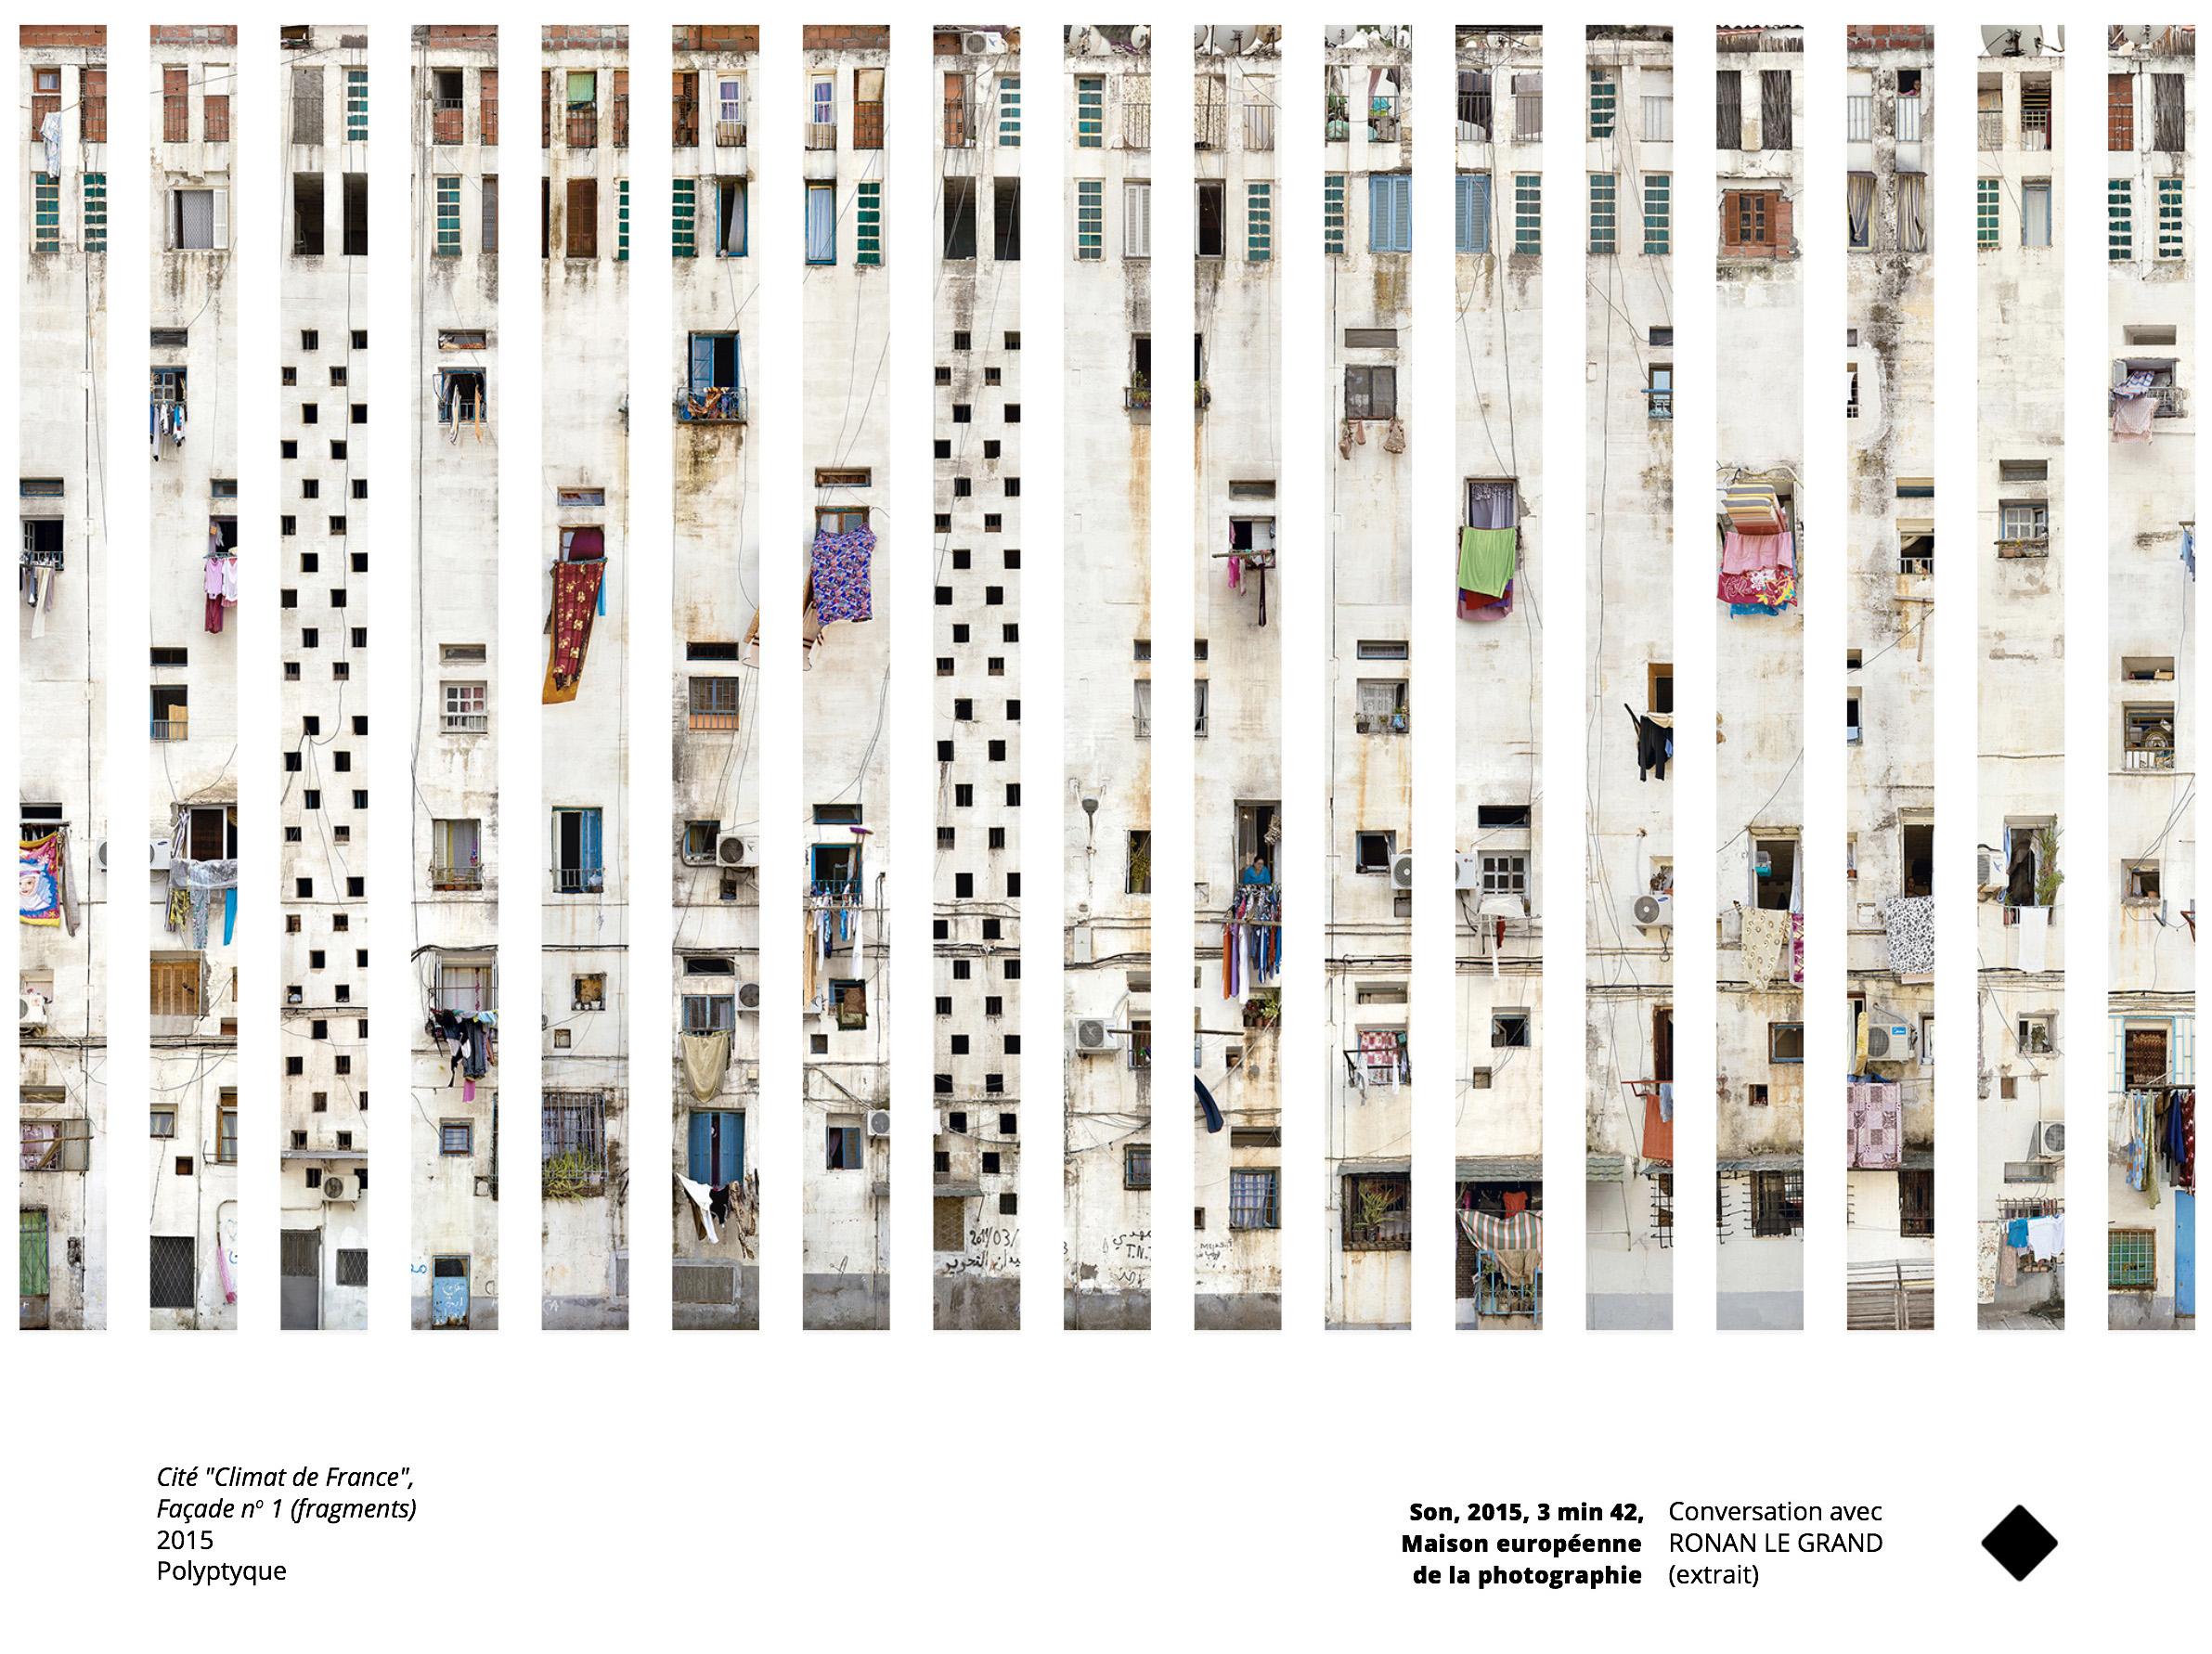 Stéphane Couturier, fragments de façades de la cité Climat de France à Alger